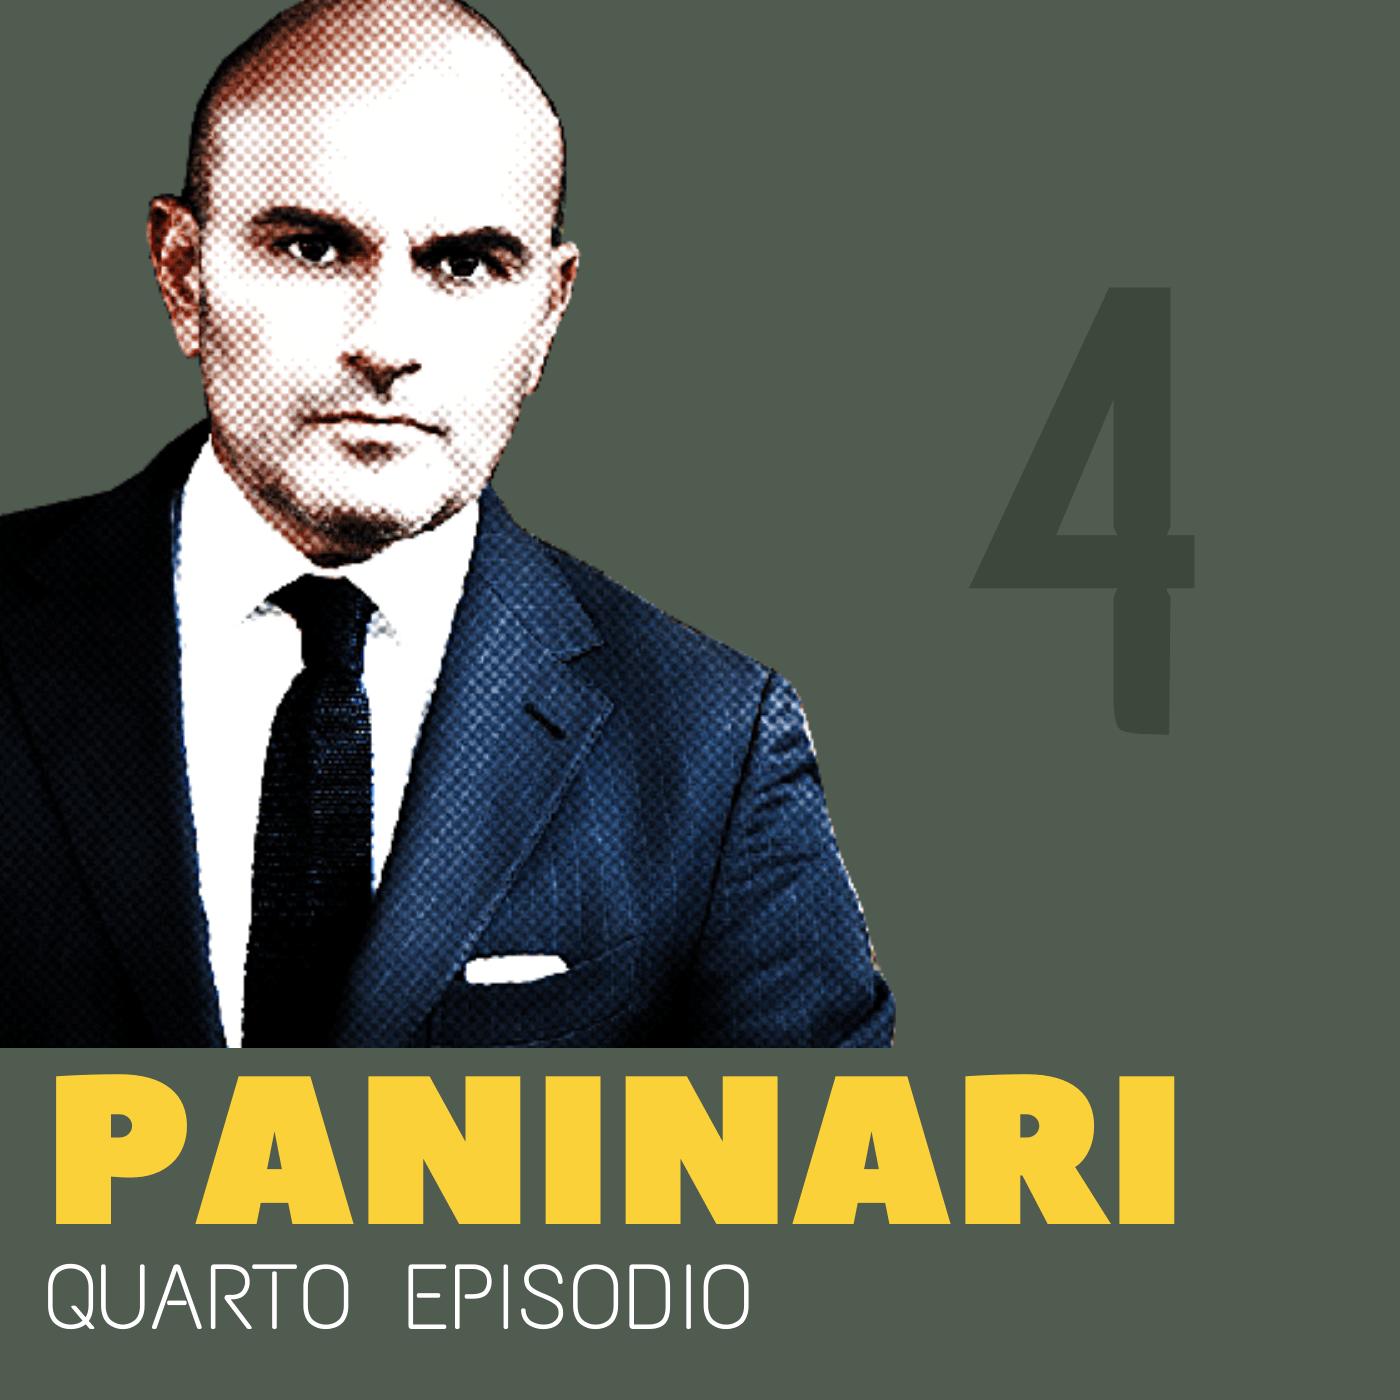 Paninari podcast Quarto Episodio